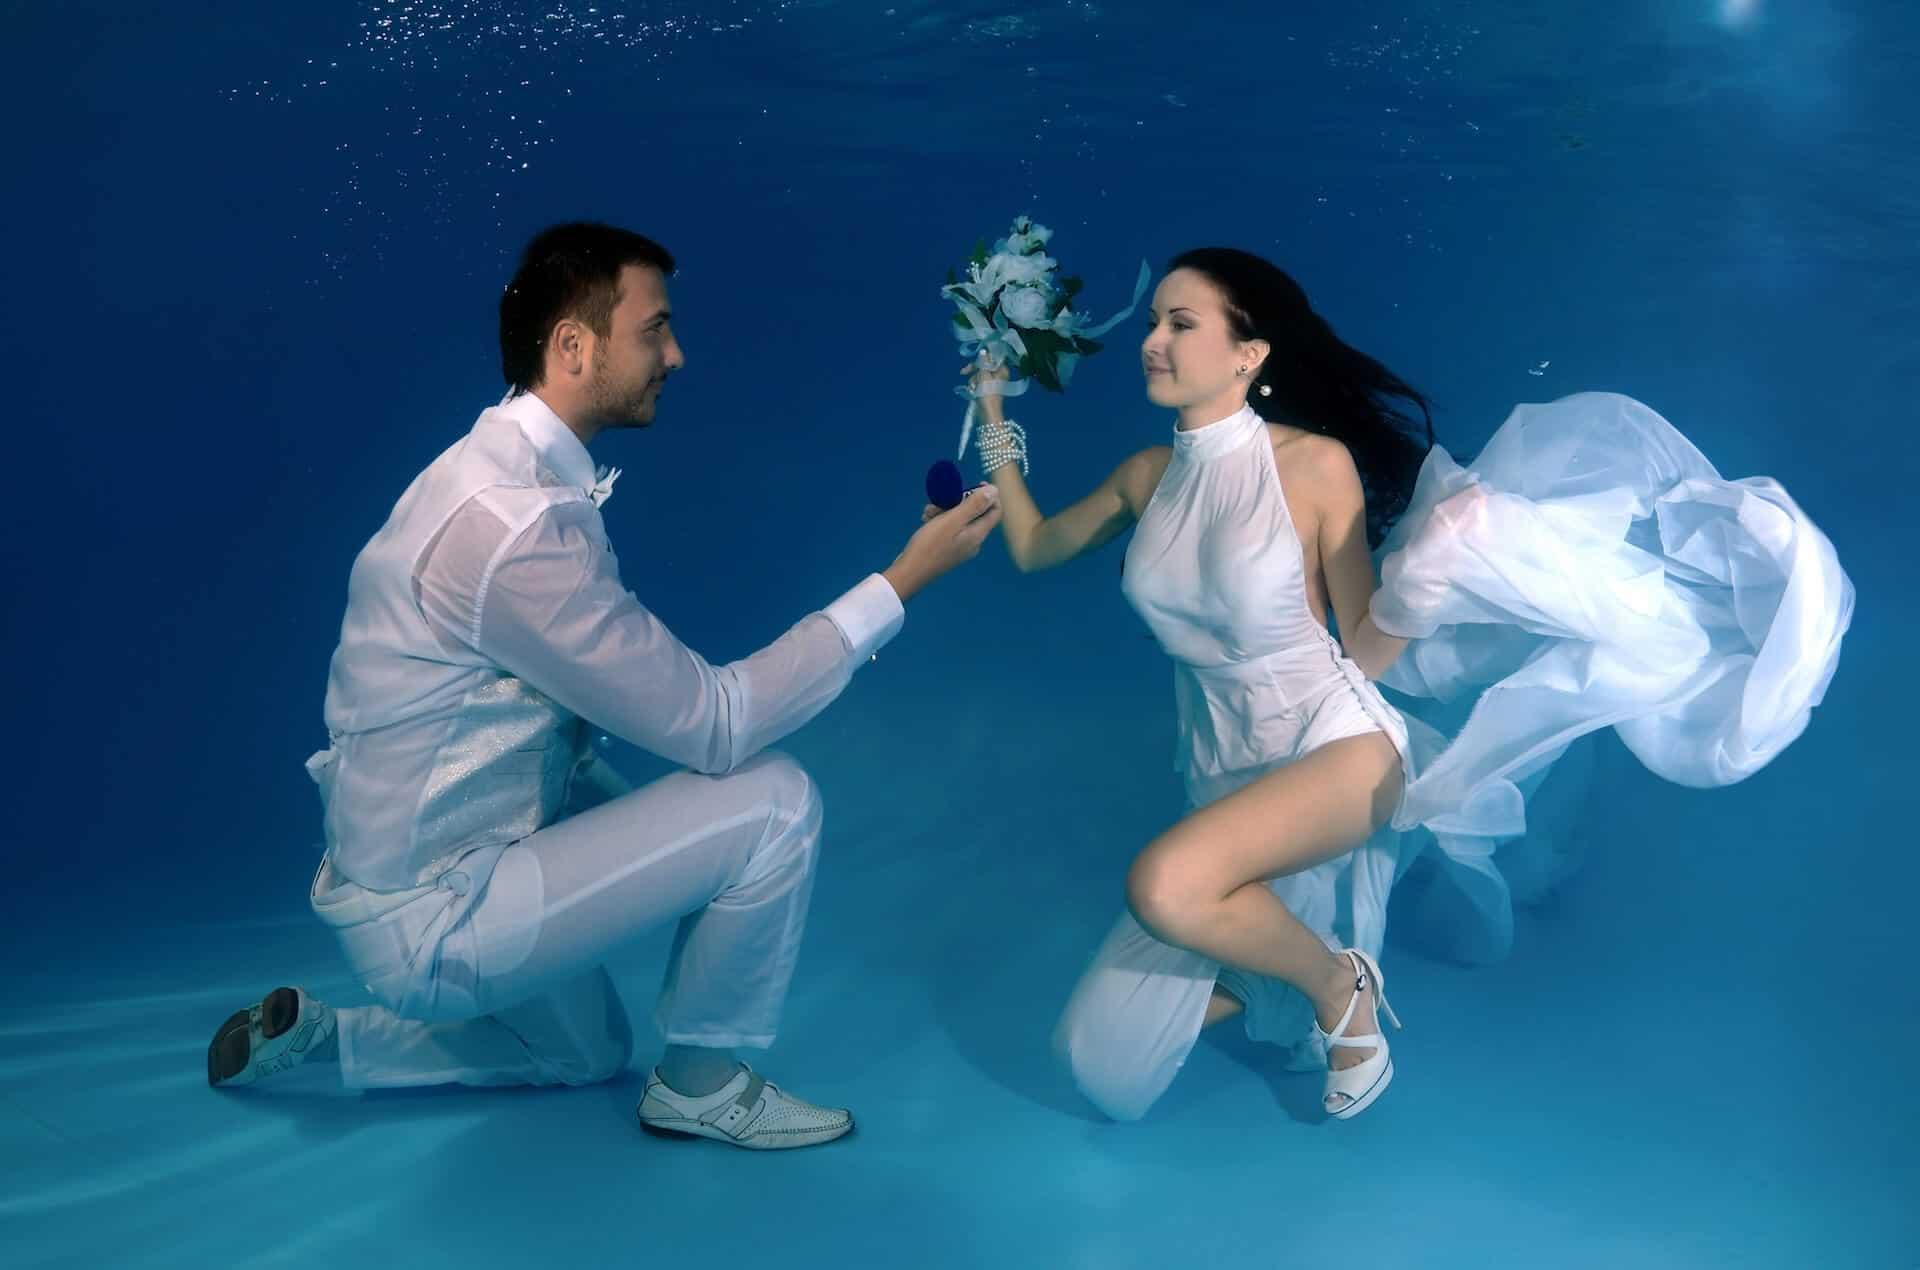 Chci Tě milovat do konce života, aneb význání lásky pod vodou